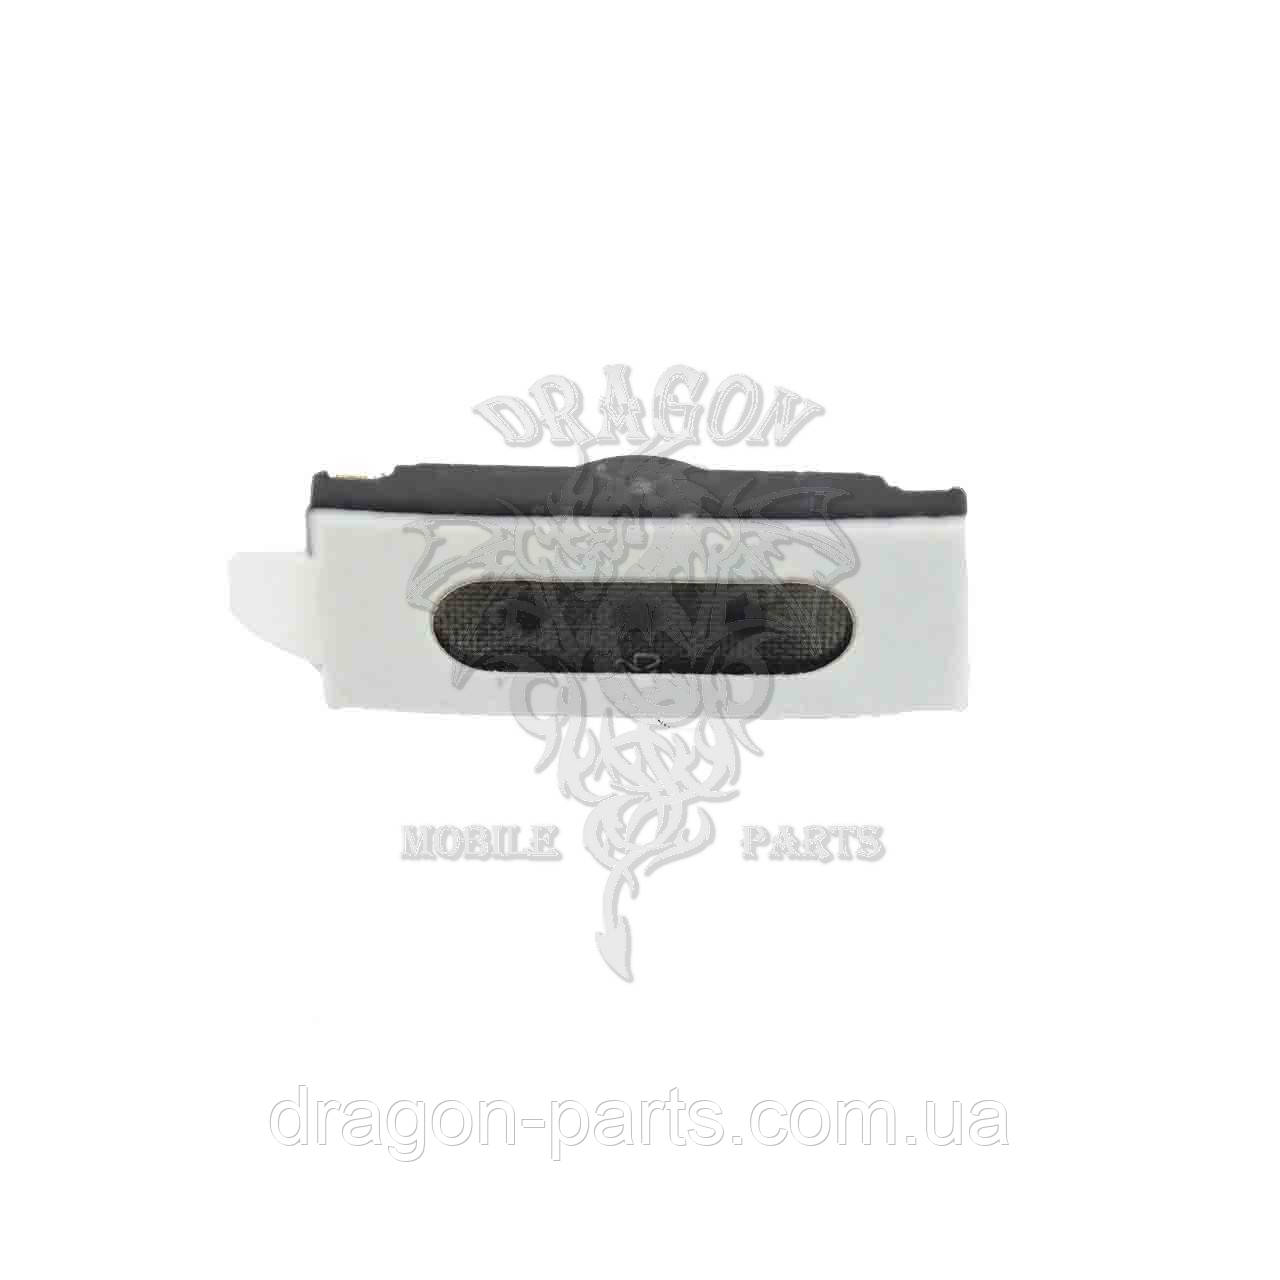 Розмовний динамік Nomi C101040 Ultra 3 LTE Pro, оригінал